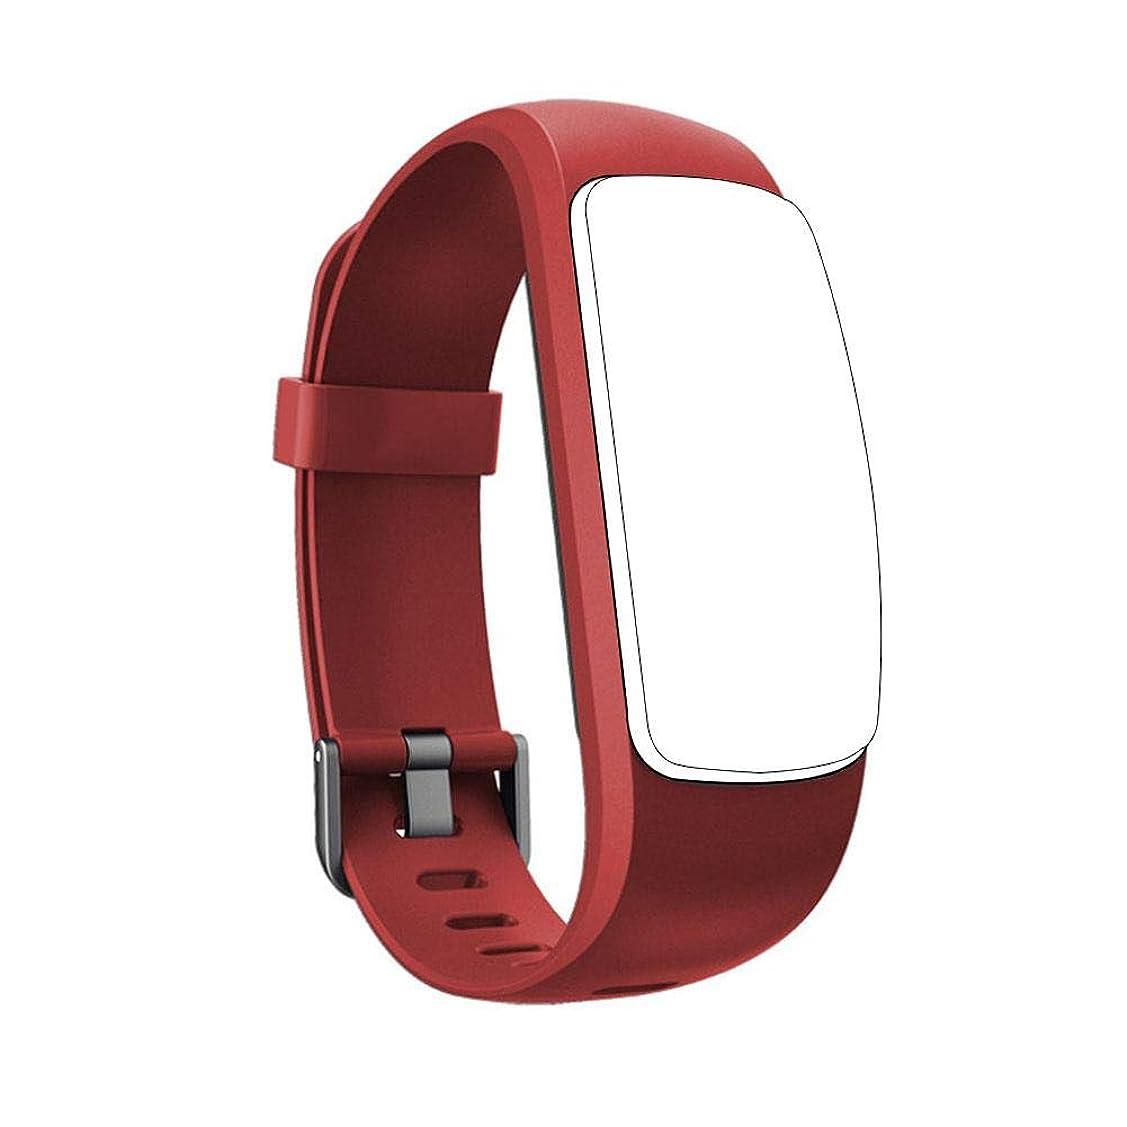 石膏いっぱい刺すFECHO ID107PLUS HRスマートブレスレット対応 時計バンド シリコン 完全防水替えベルト 腕時計ストラップ 腕時計交換用バンド ソフトサイズ調整 柔らかく スポーツ レディース メンズ